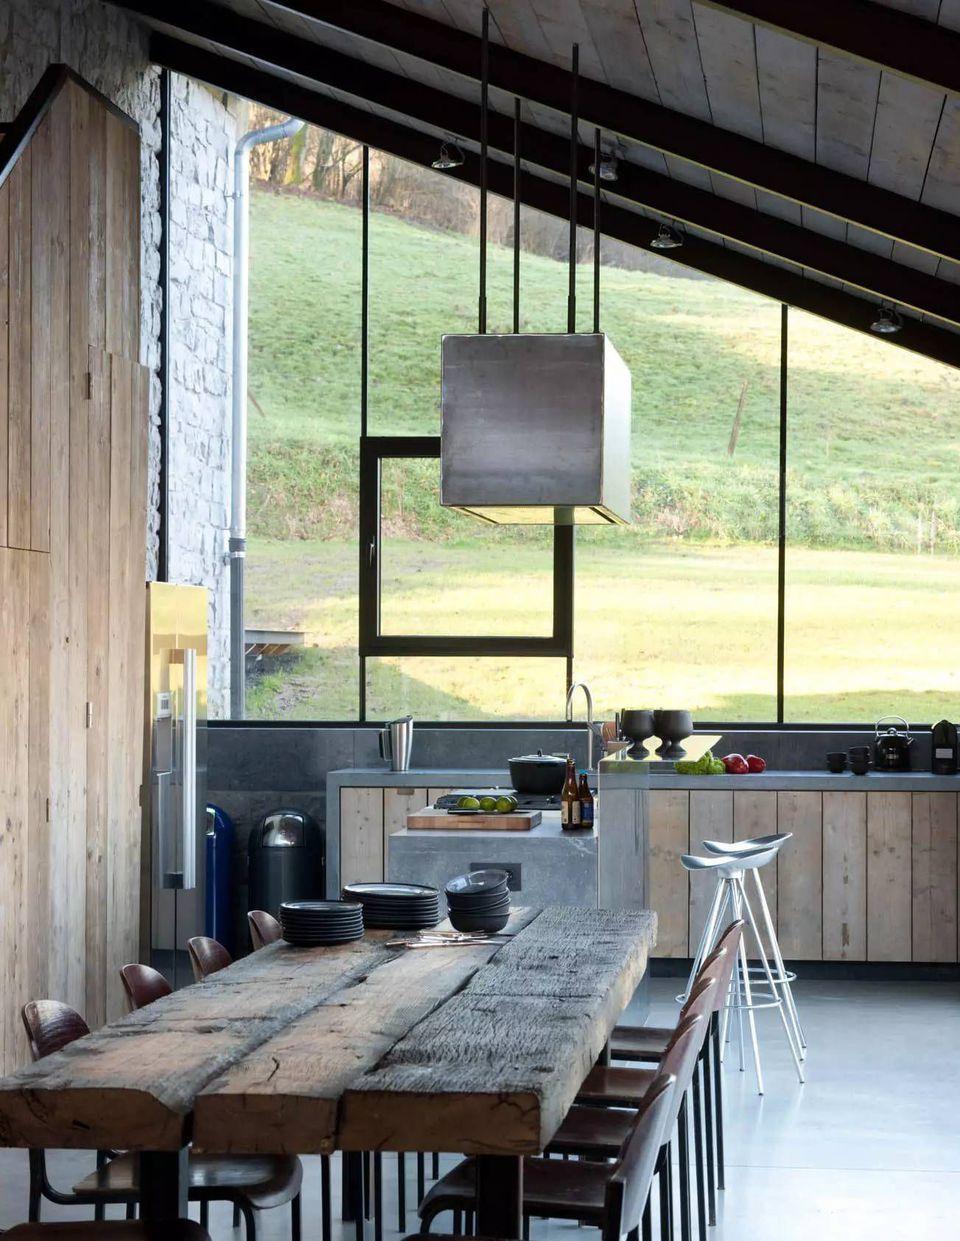 Maison bois : des intérieurs en bois chaleureux et originaux ...